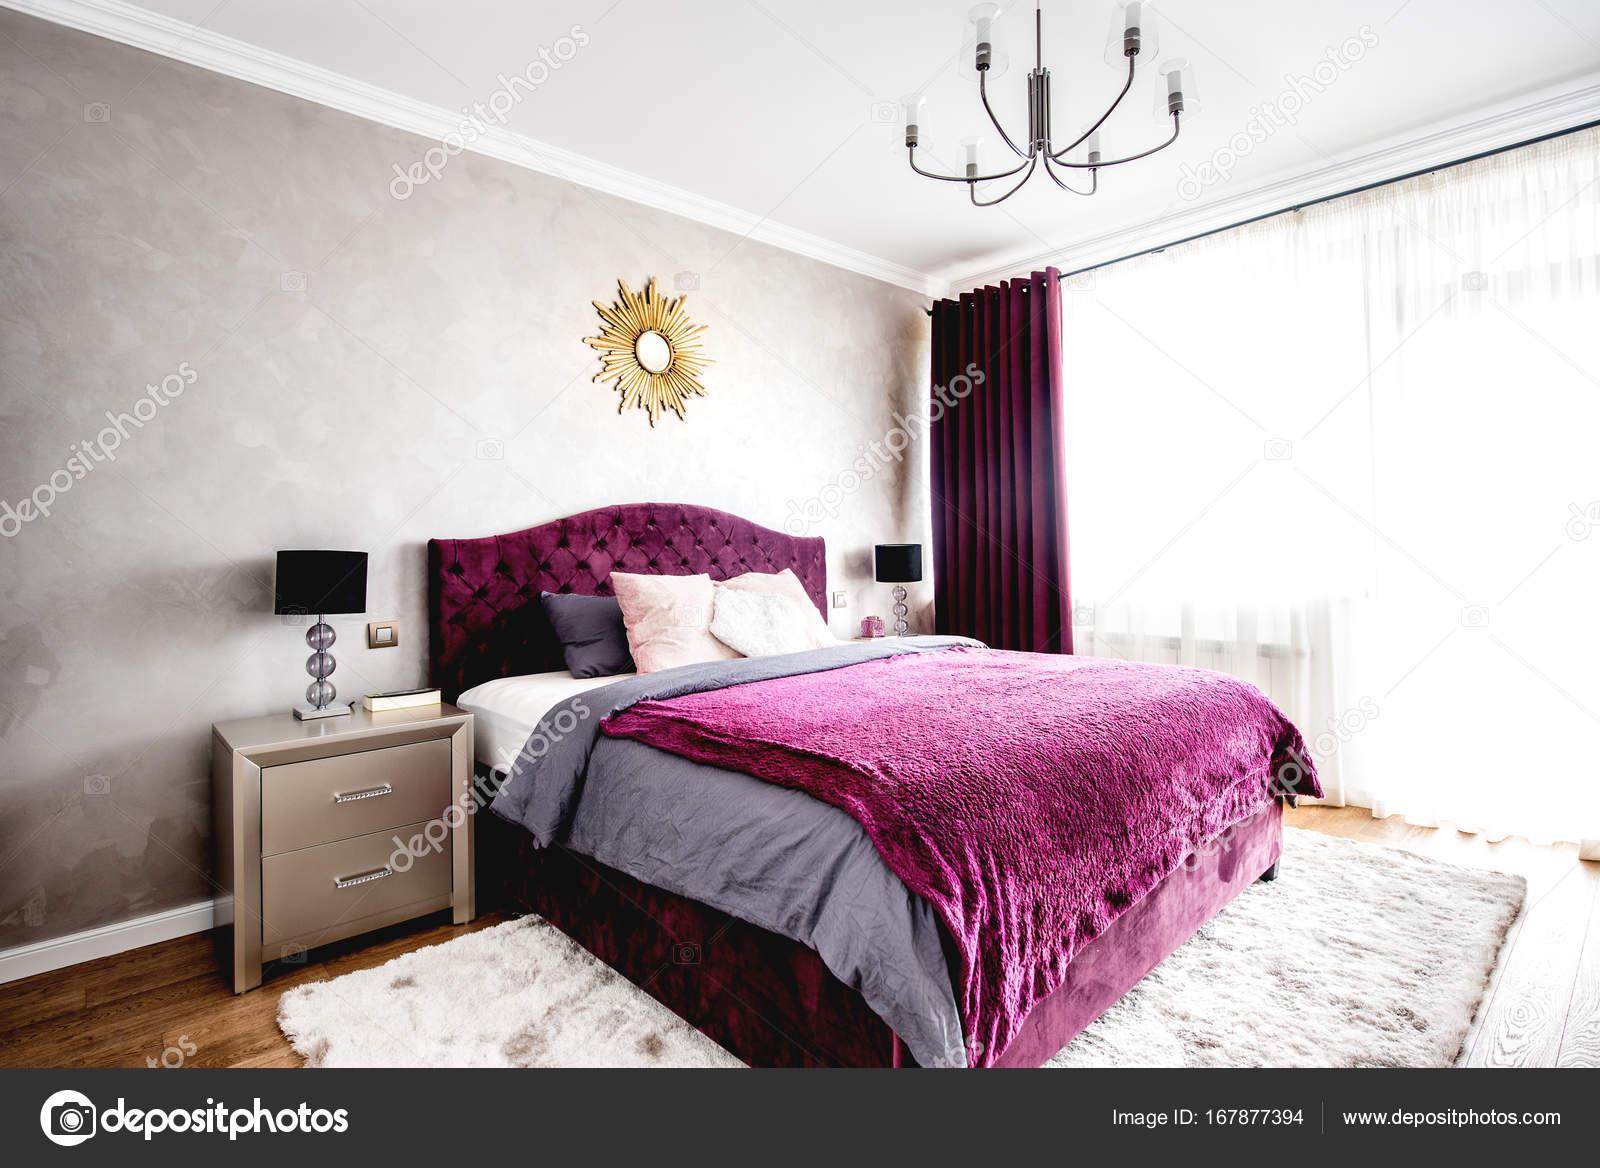 Chambre spacieuse avec mobilier moderne design, lit double et des ...